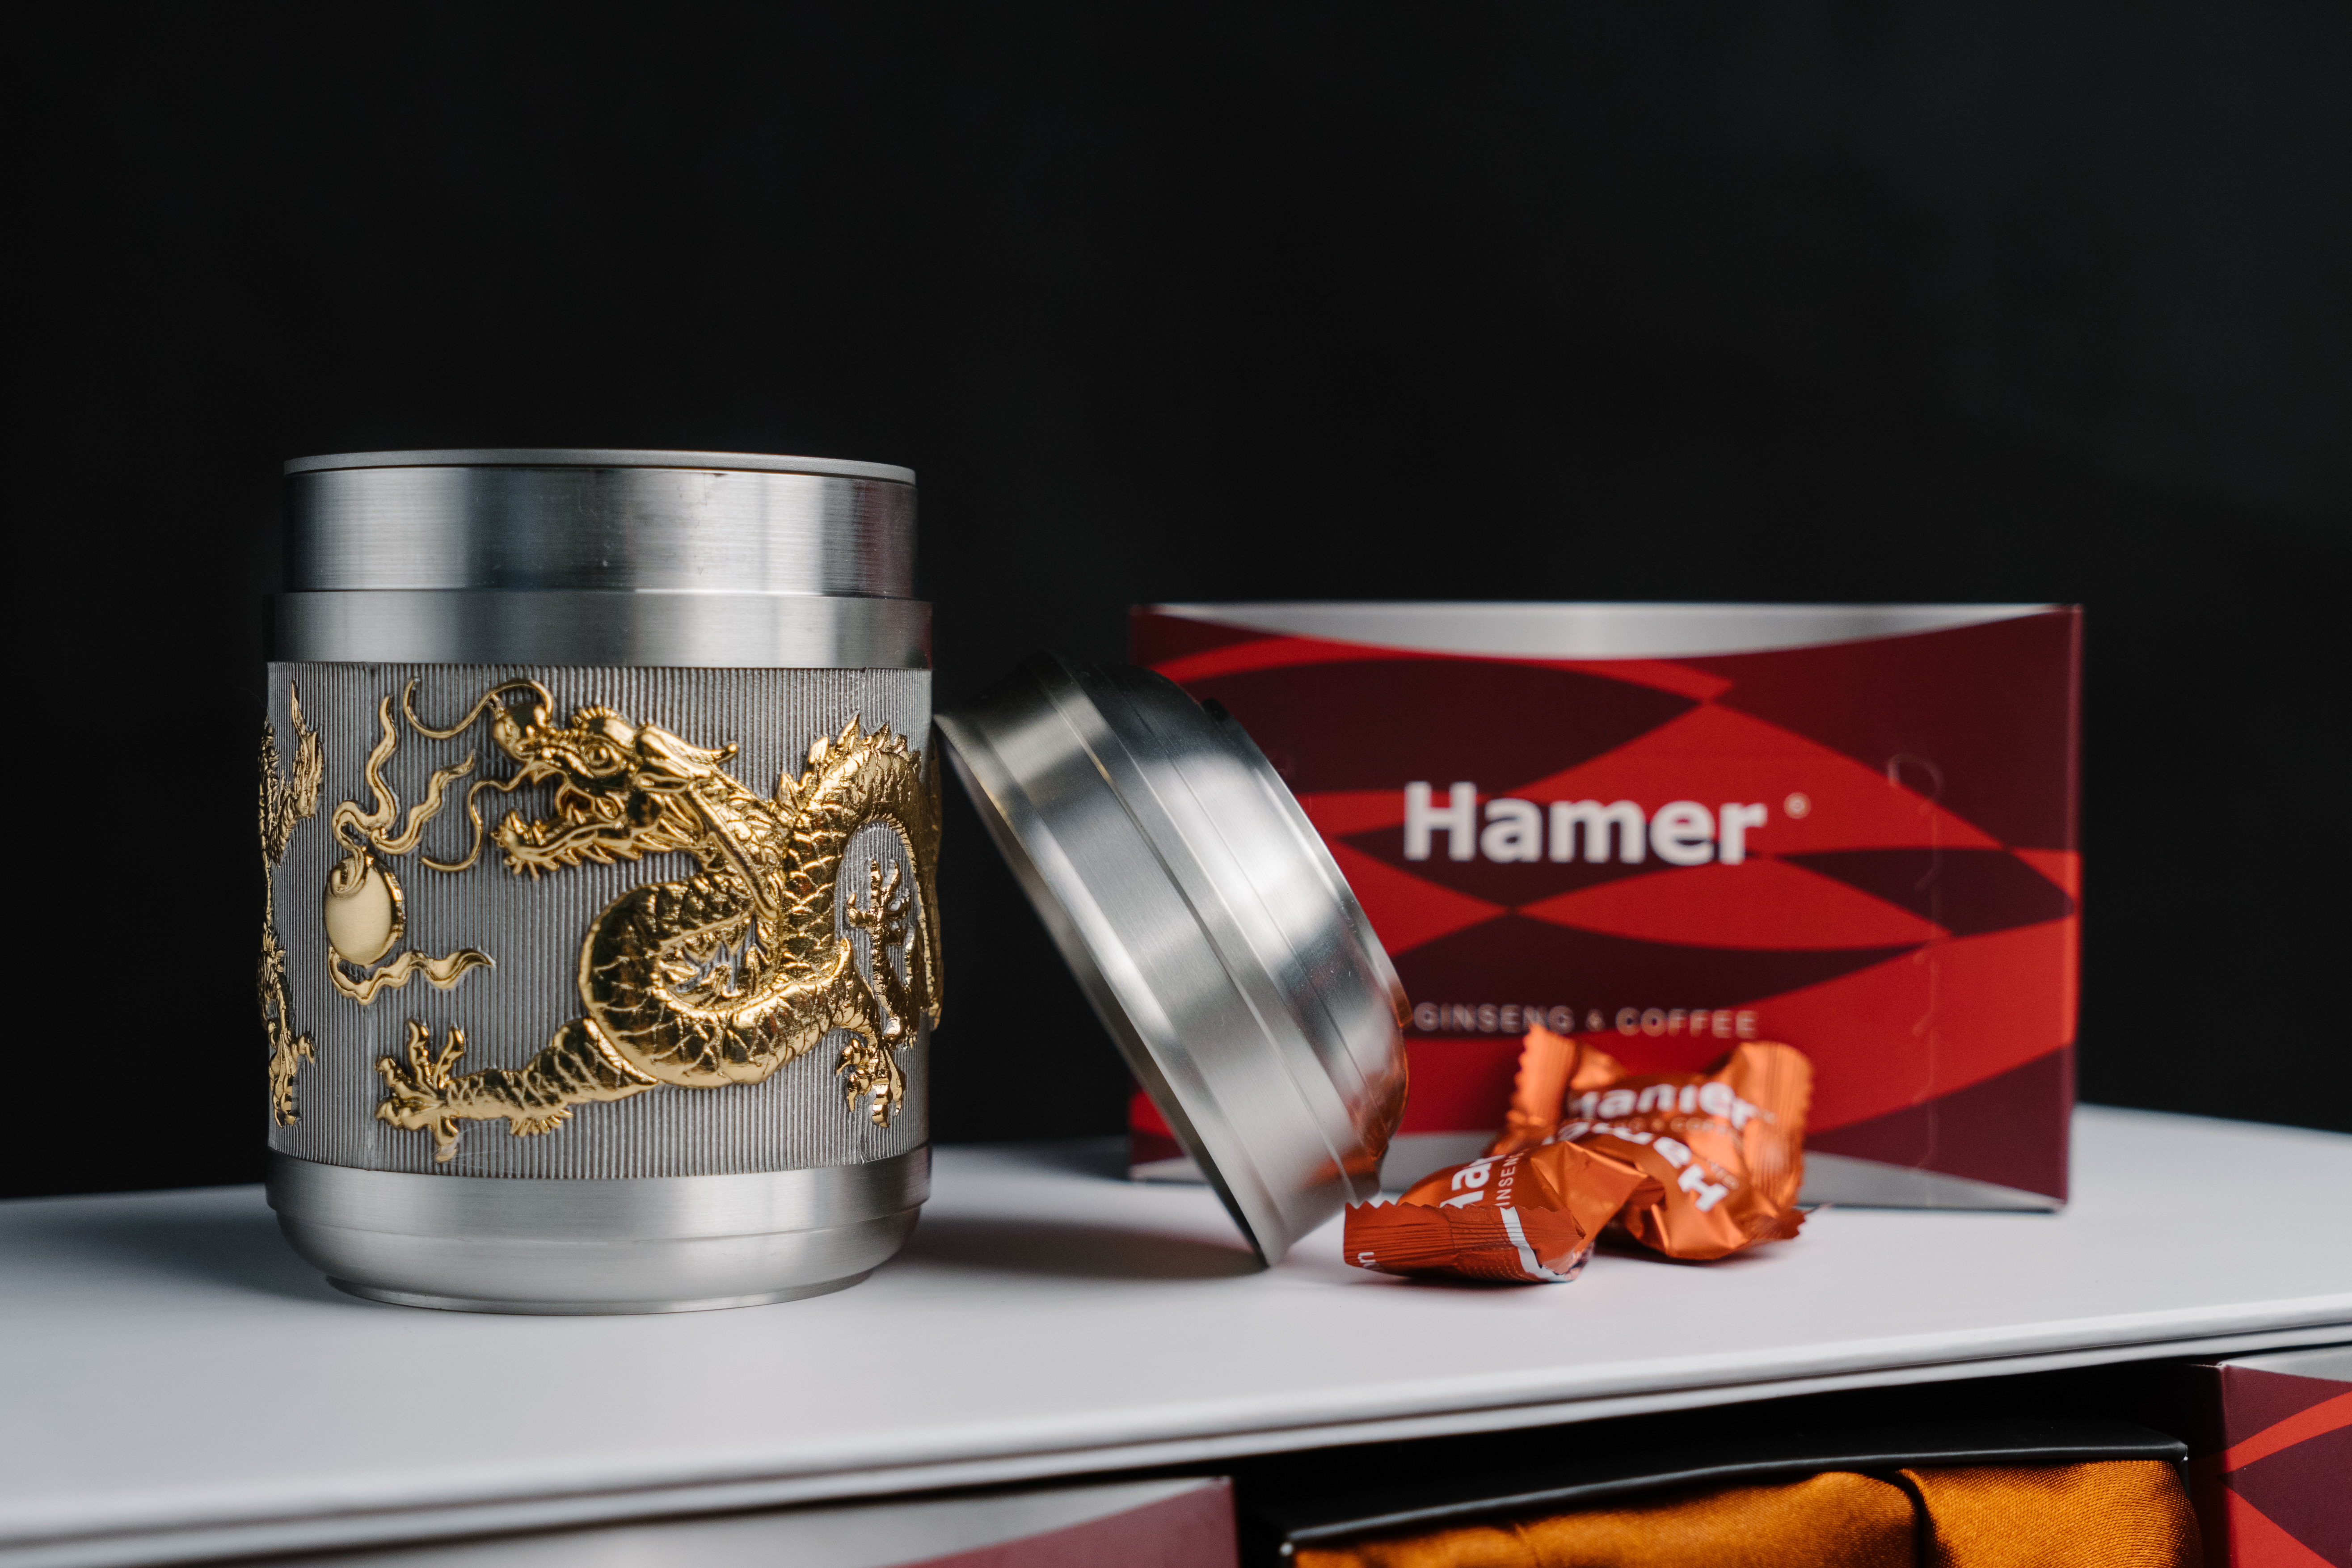 Hamer Golden Tea Caddy Promotion